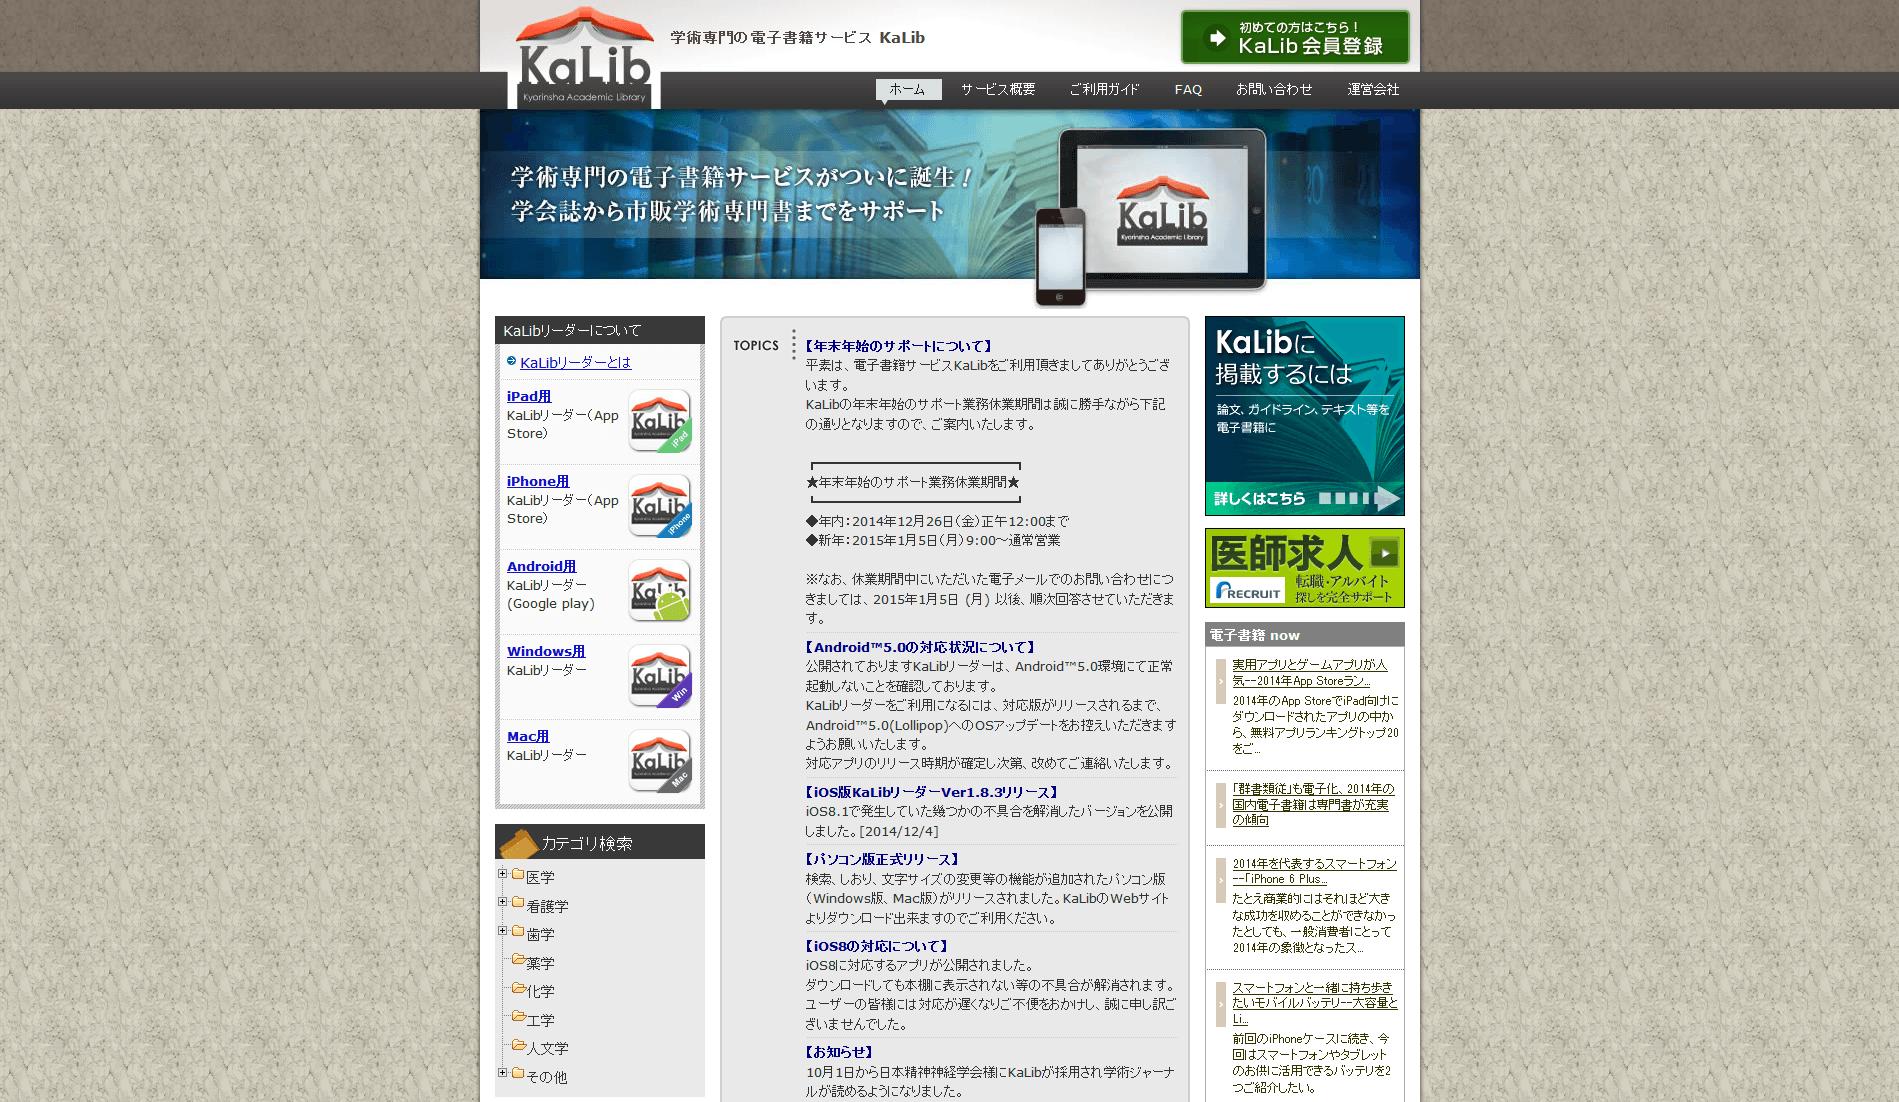 学術専門の電子書籍サービス KaLib